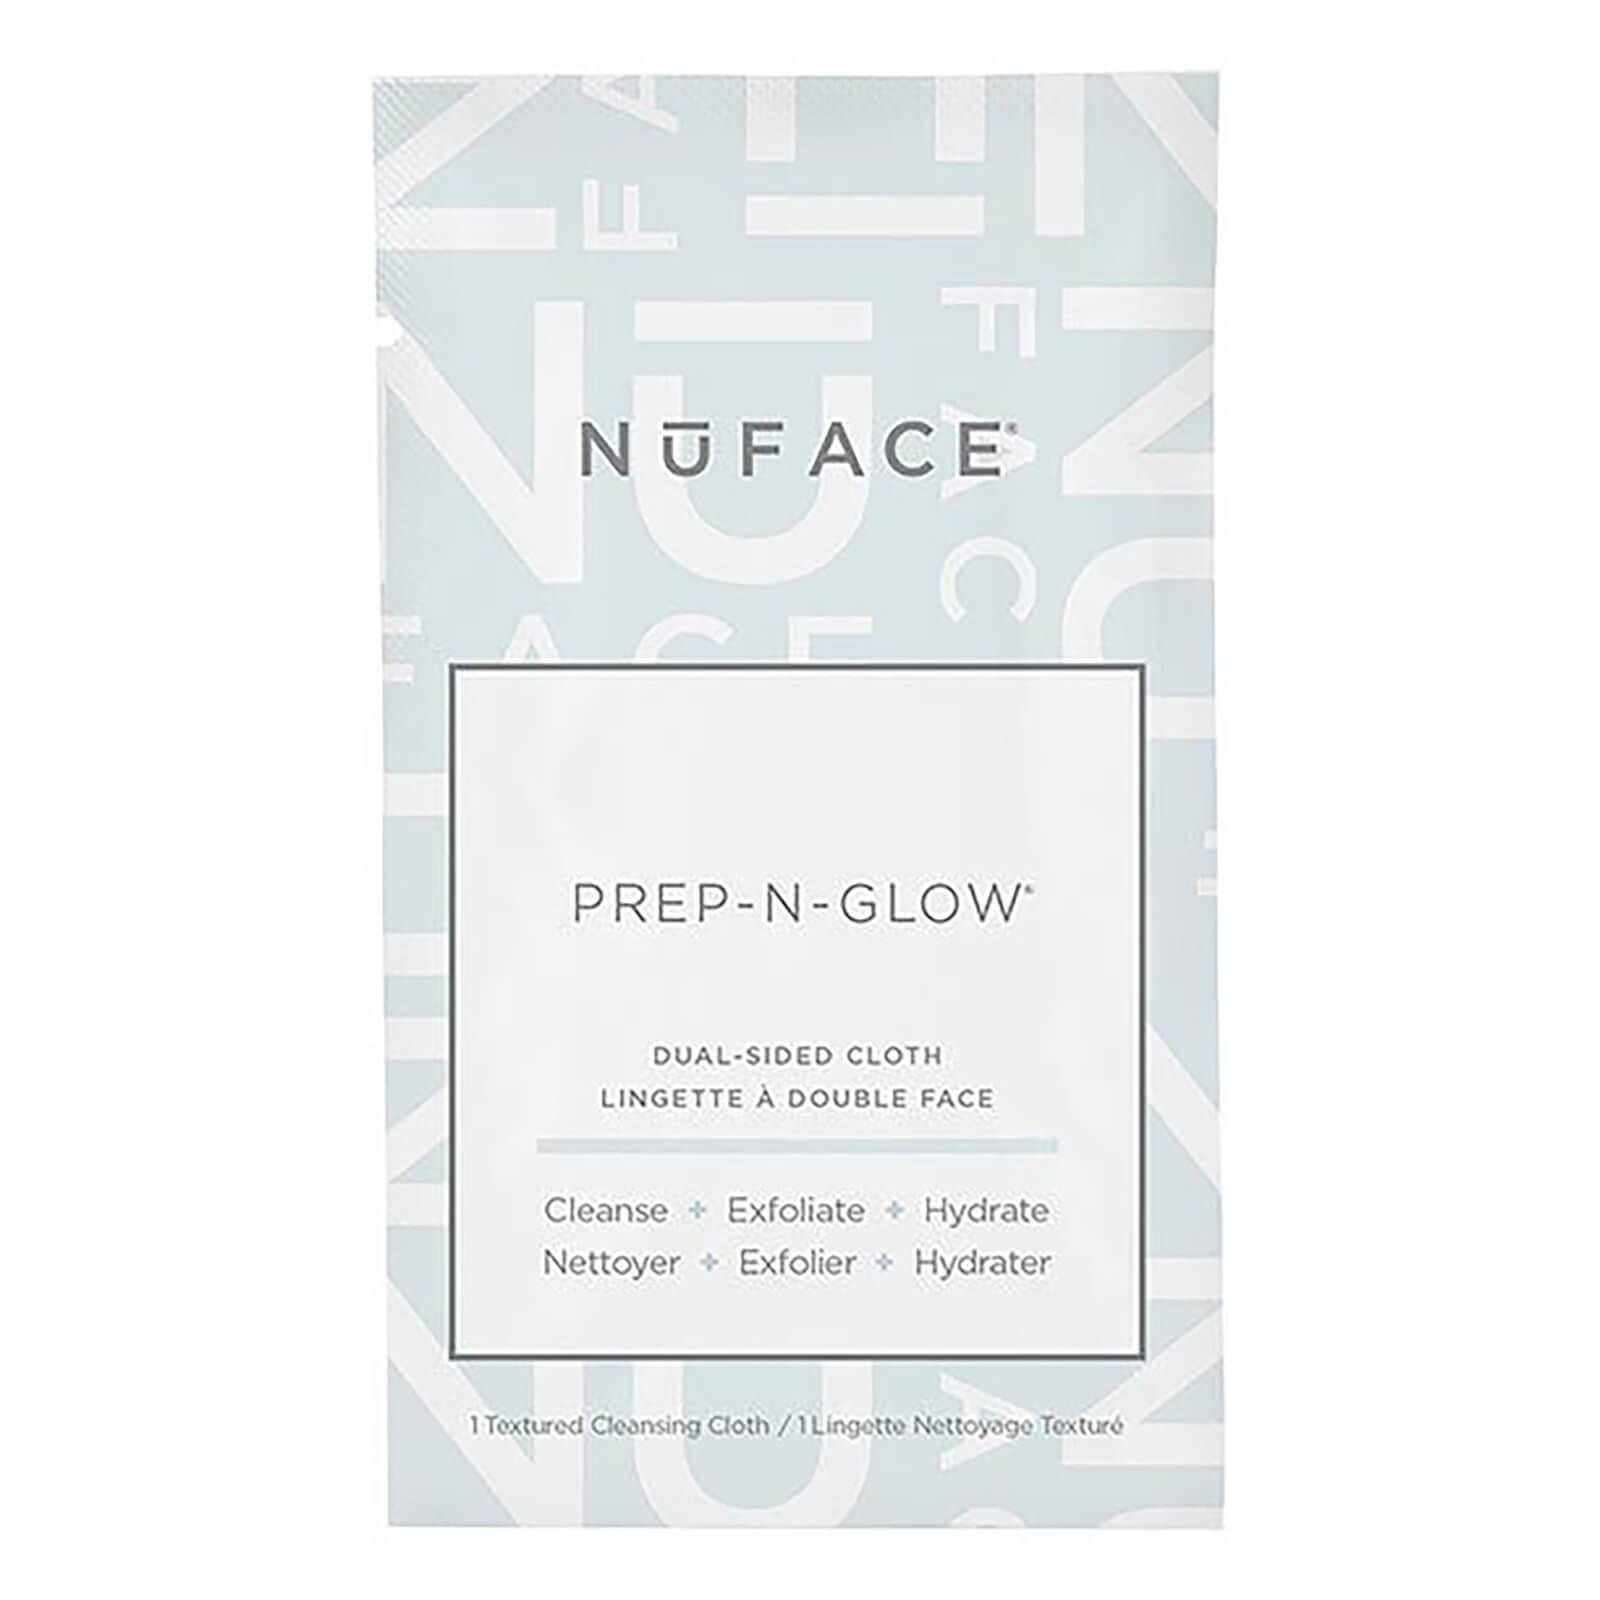 Купить Салфетки для очищения, отшелушивания и увлажнения кожи NuFACE Prep-N-Glow Cloths (5 салфеток в упаковке)